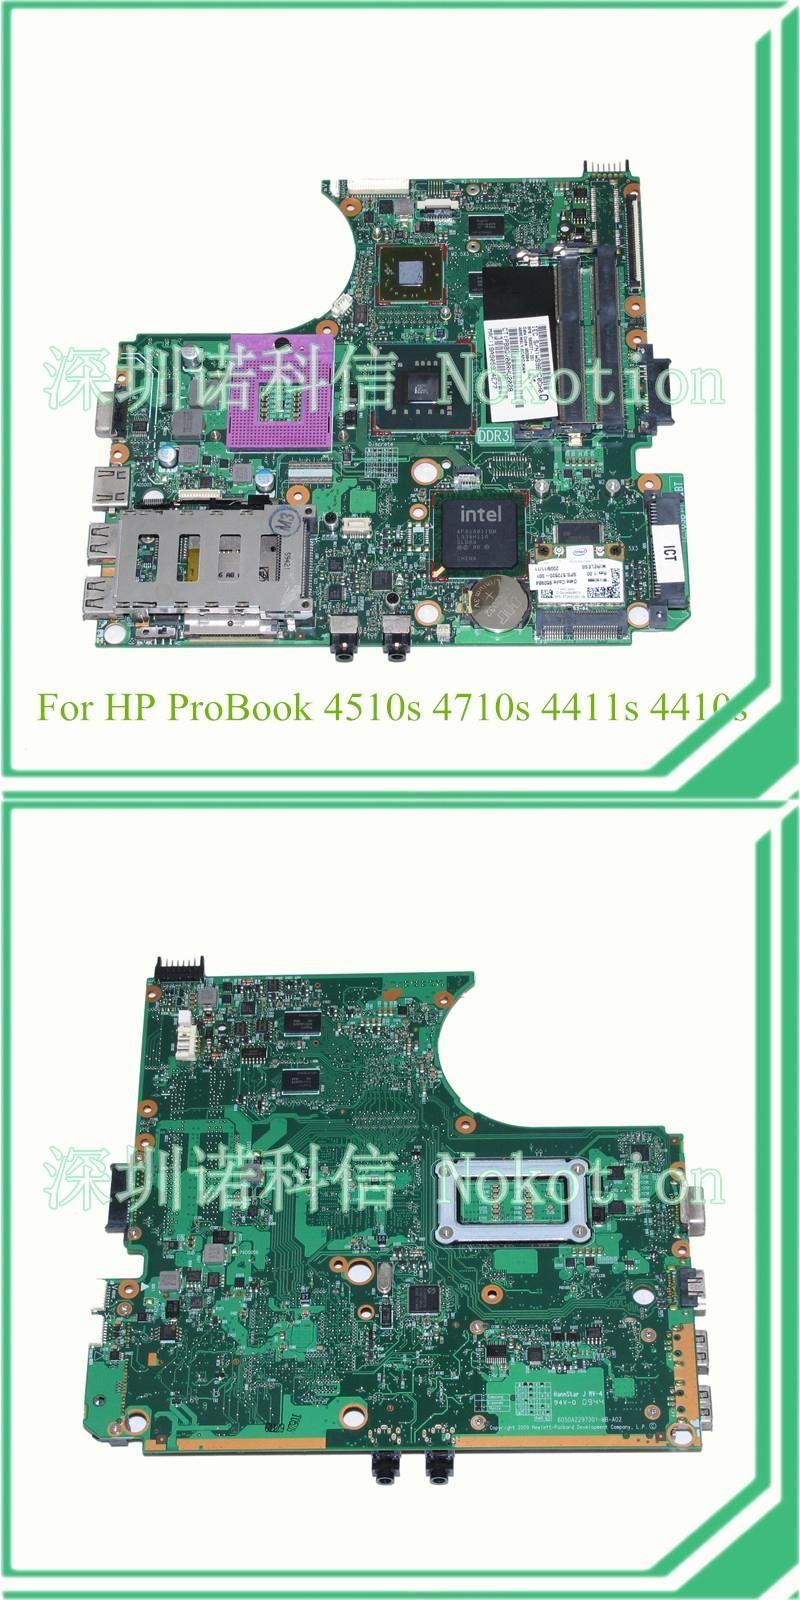 hp probook 4510s drivers download